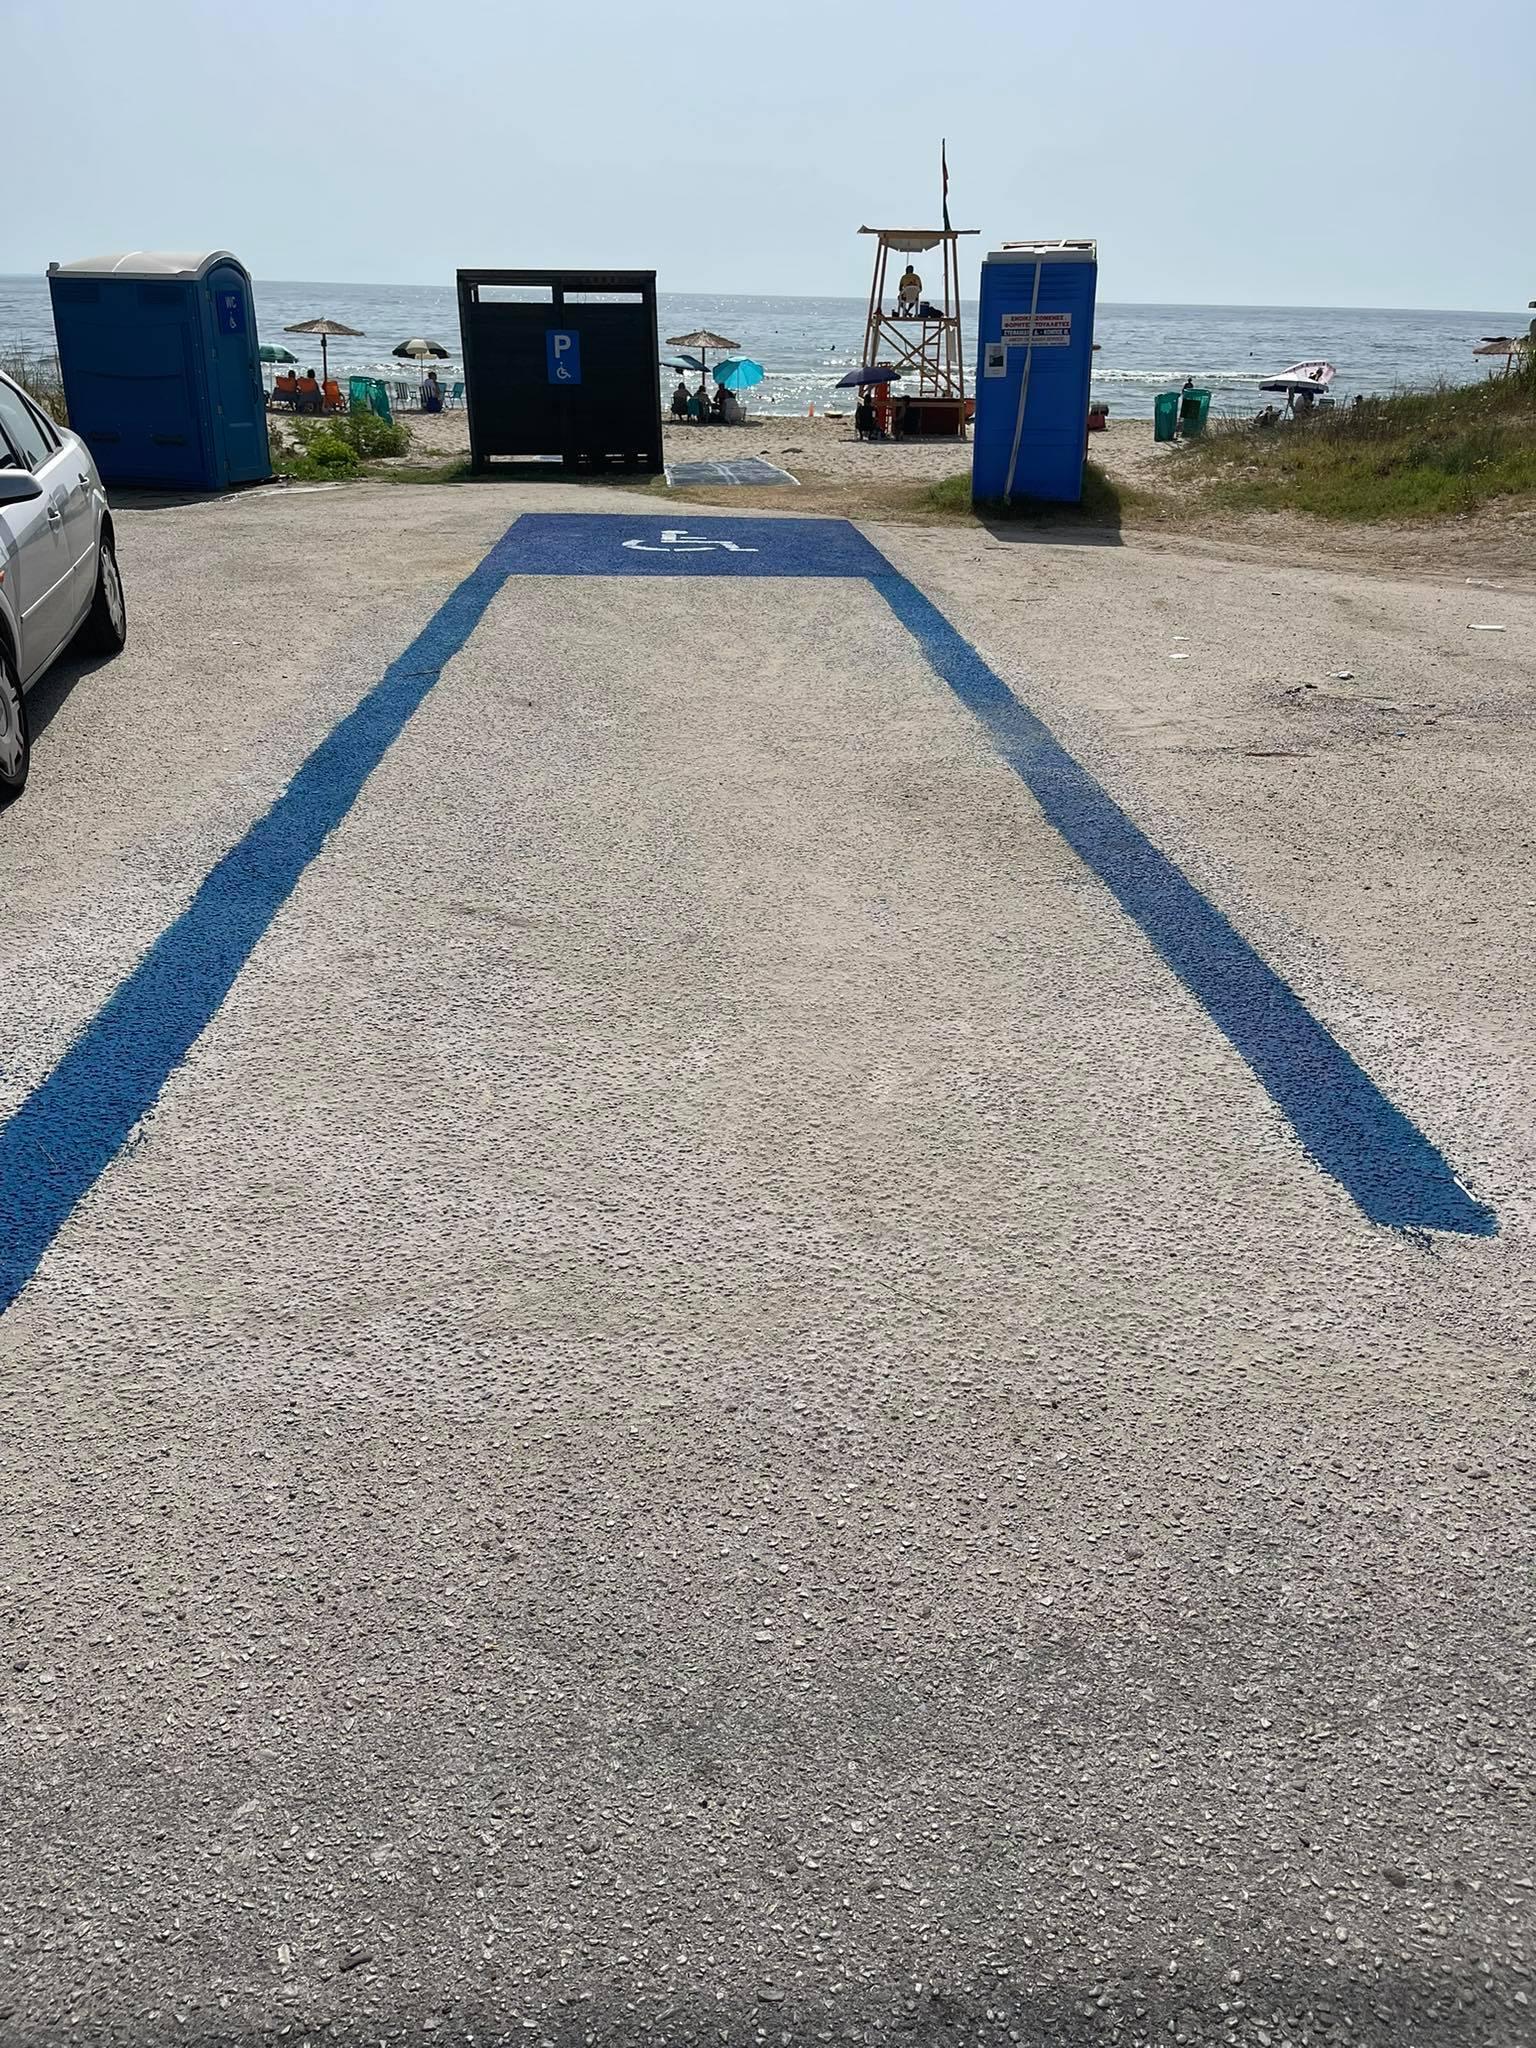 Ξάνθη: Ειδική ράμπα για ΑμεΑ στην παραλία του Άη Γιάννη [ΦΩΤΟ]